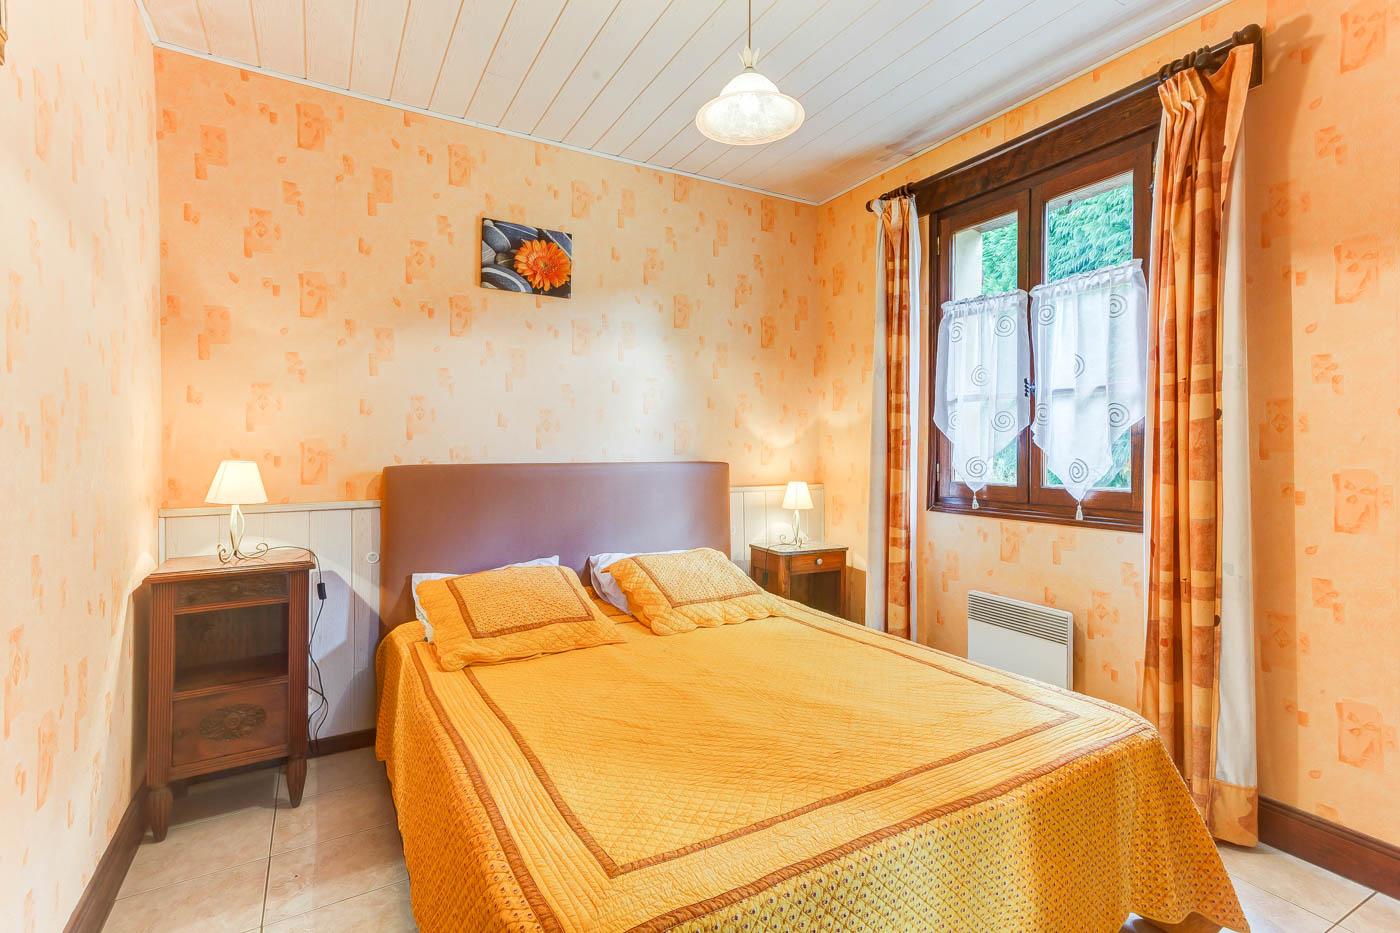 Maison-de-Vacances-Les-Terrasses-7